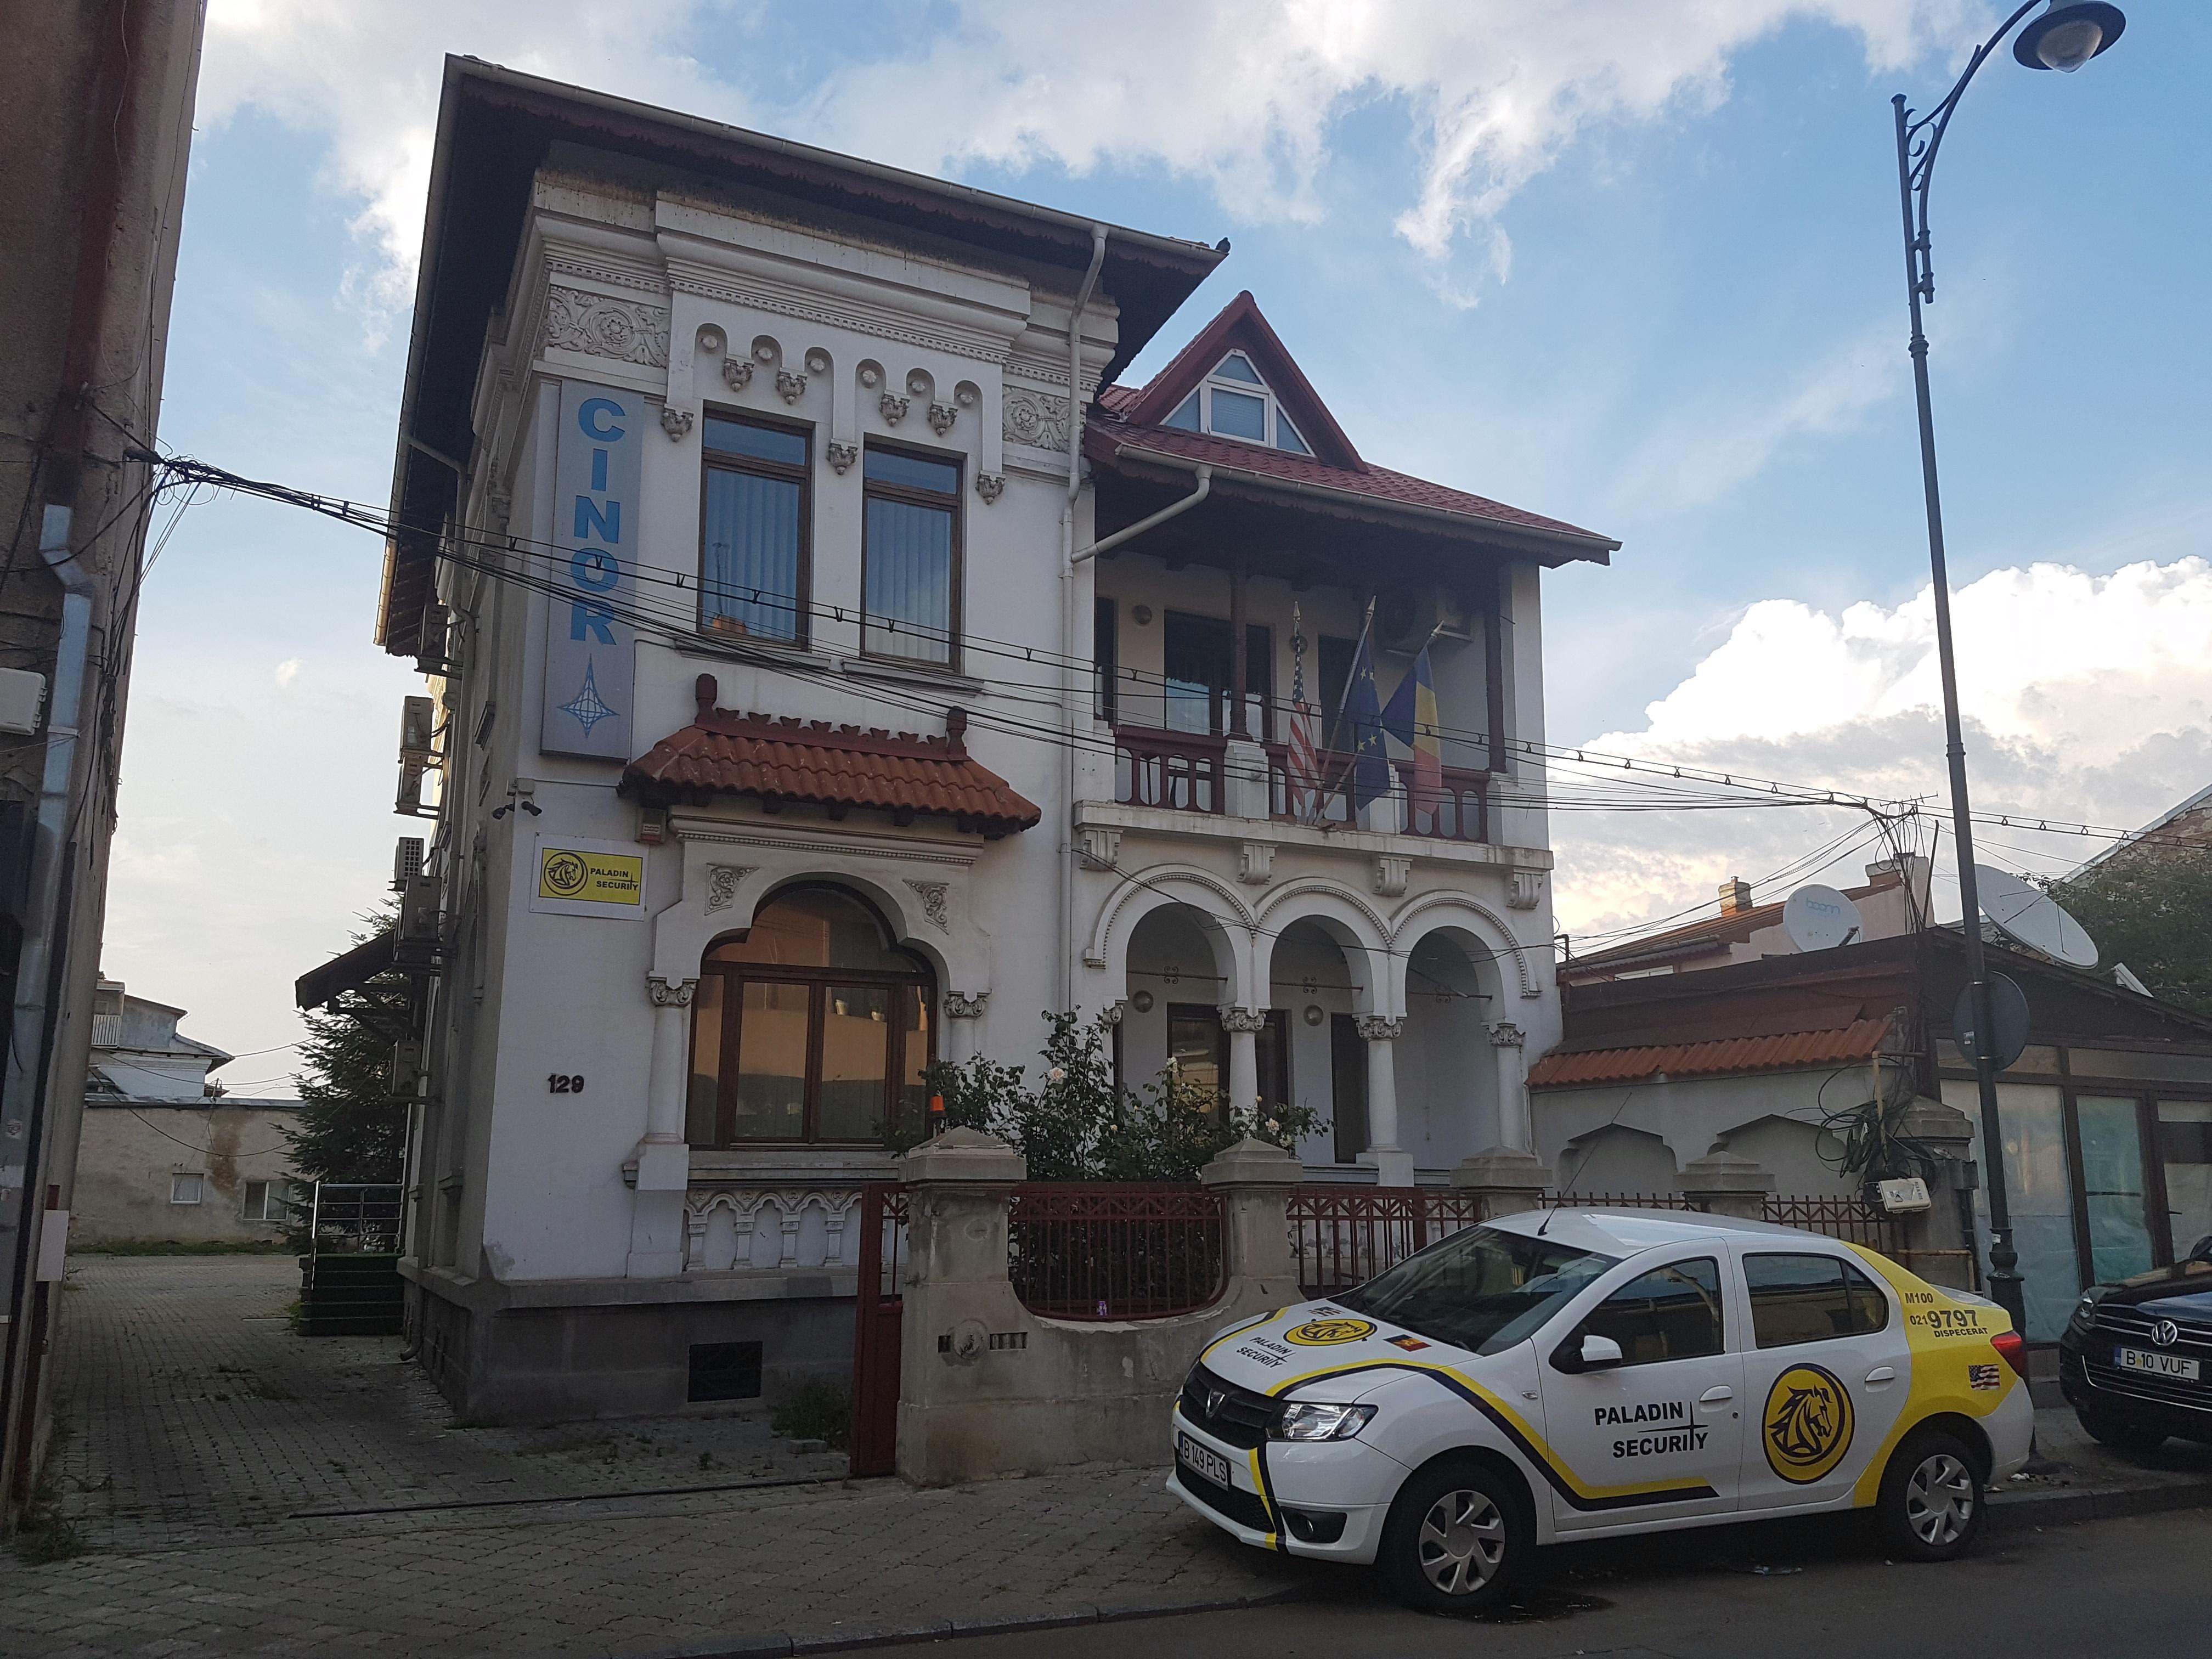 Un bloc cu patru etaje ar putea apărea în zona protejată Mihai Eminescu, vizavi de casa Henrieta Delavrancea, monument istoric. Cum a fost distrusă zona în ultimii 15 ani 27